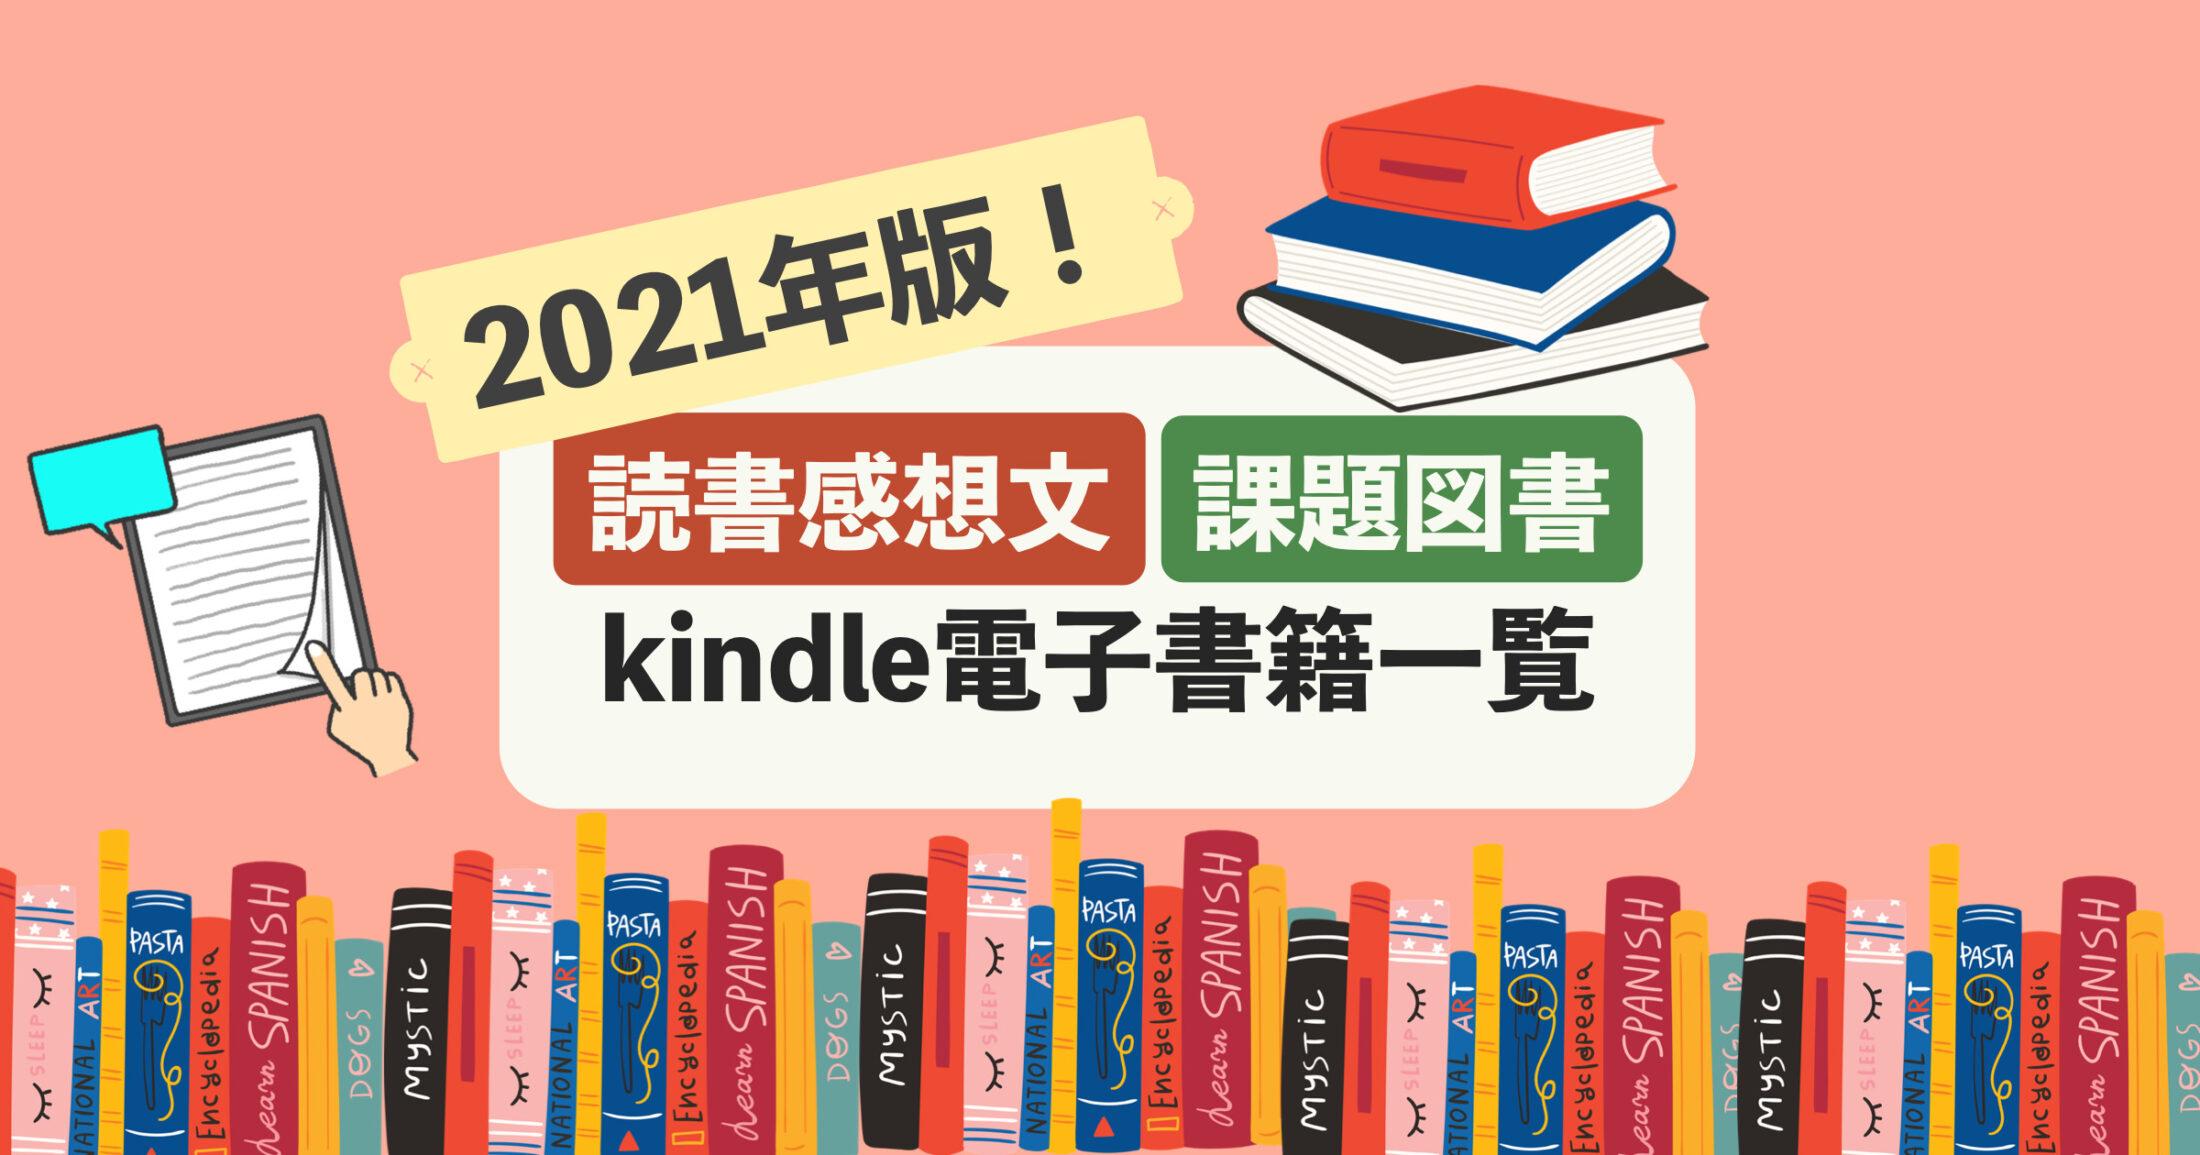 2021年版!読書感想文の課題図書Kindle電子書籍一覧